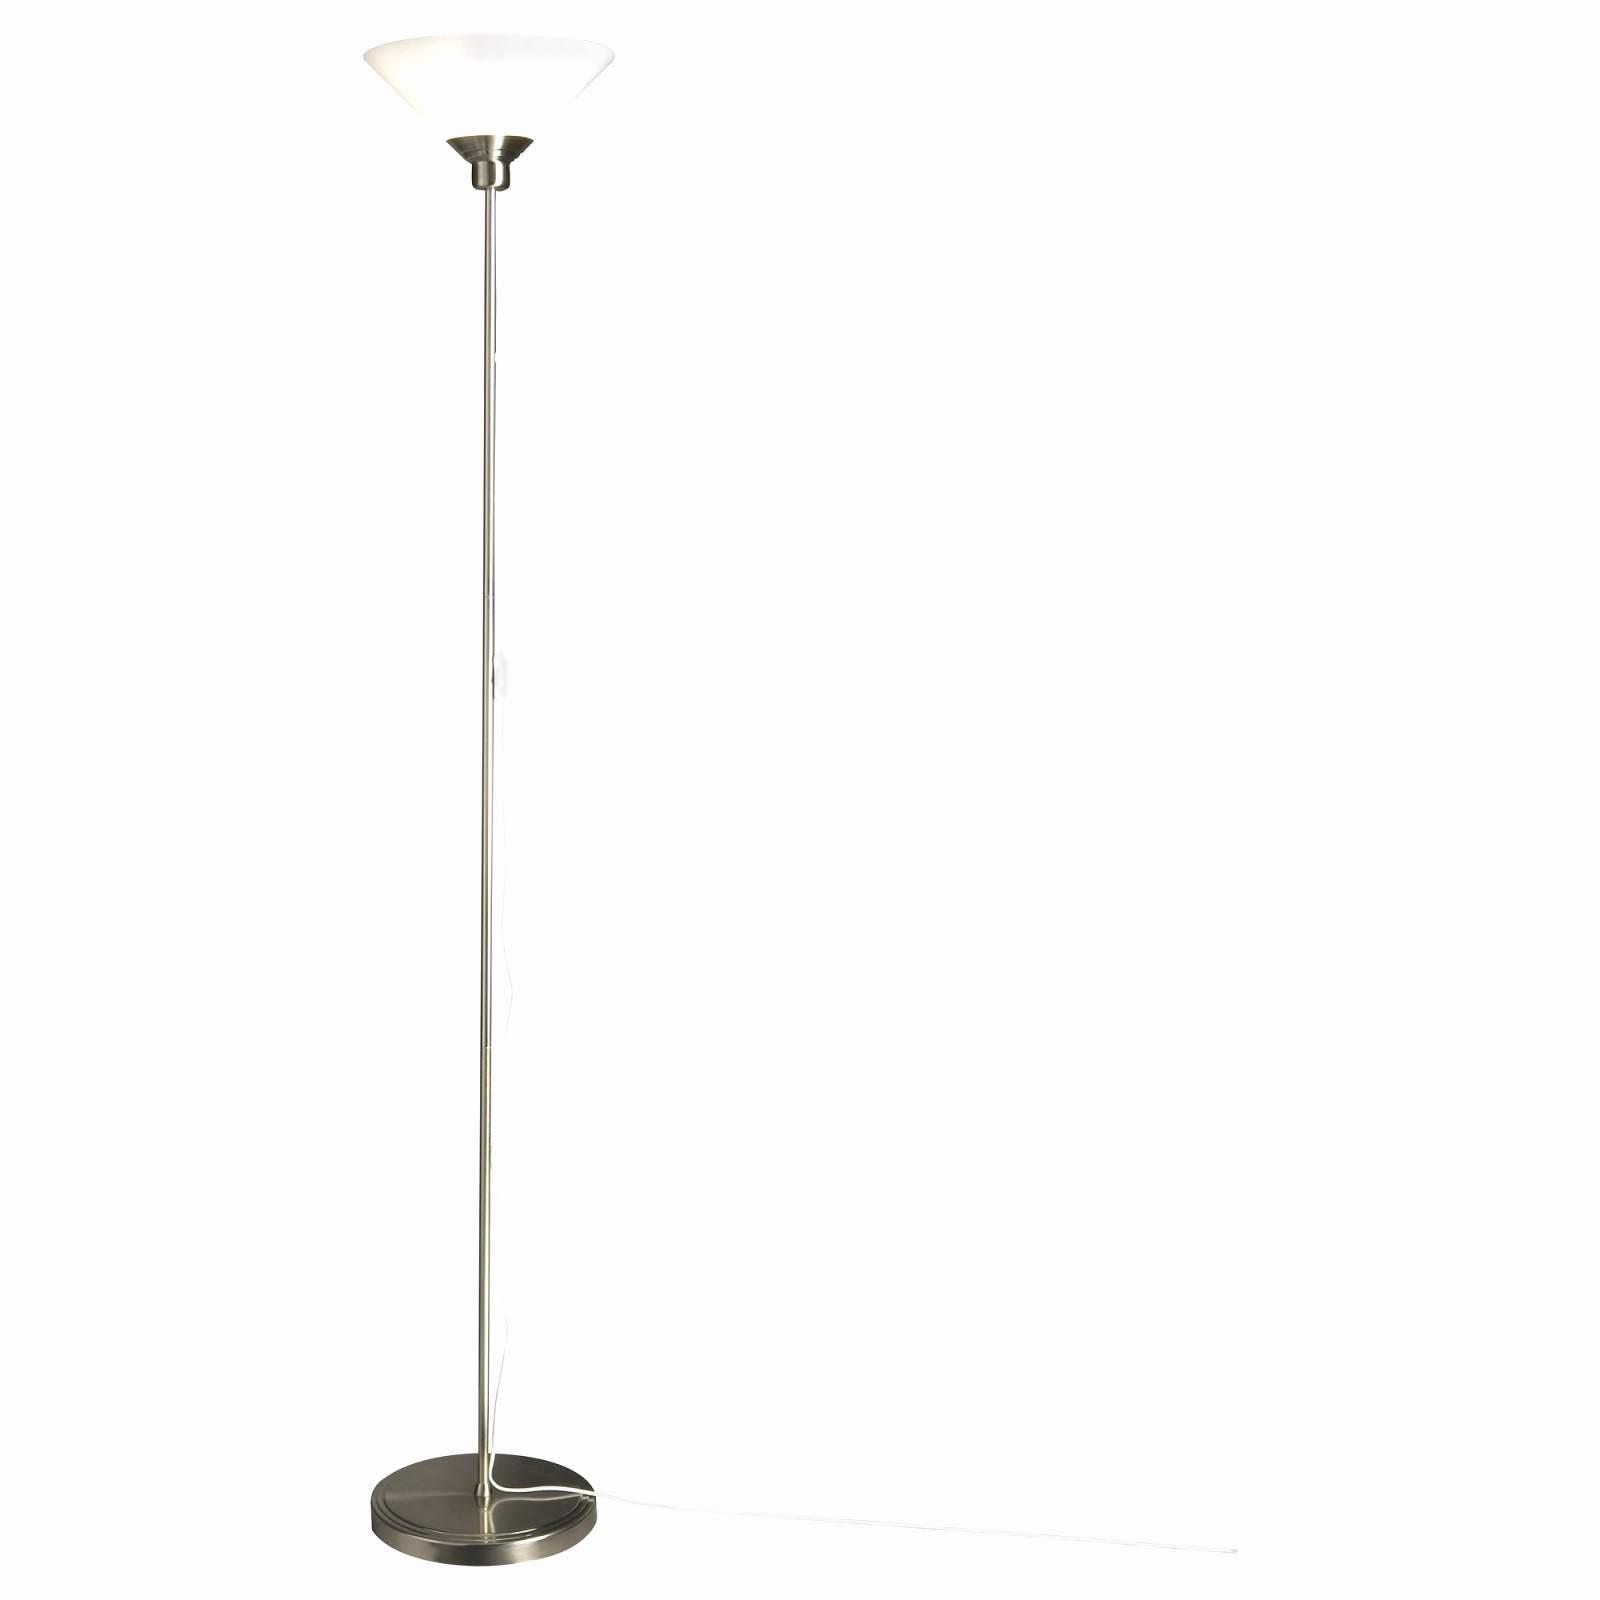 Lampe De Chevet solaire Élégant Collection Lampe De Jardin solaire Moderne Eclairage solaire De Jardin Aussi